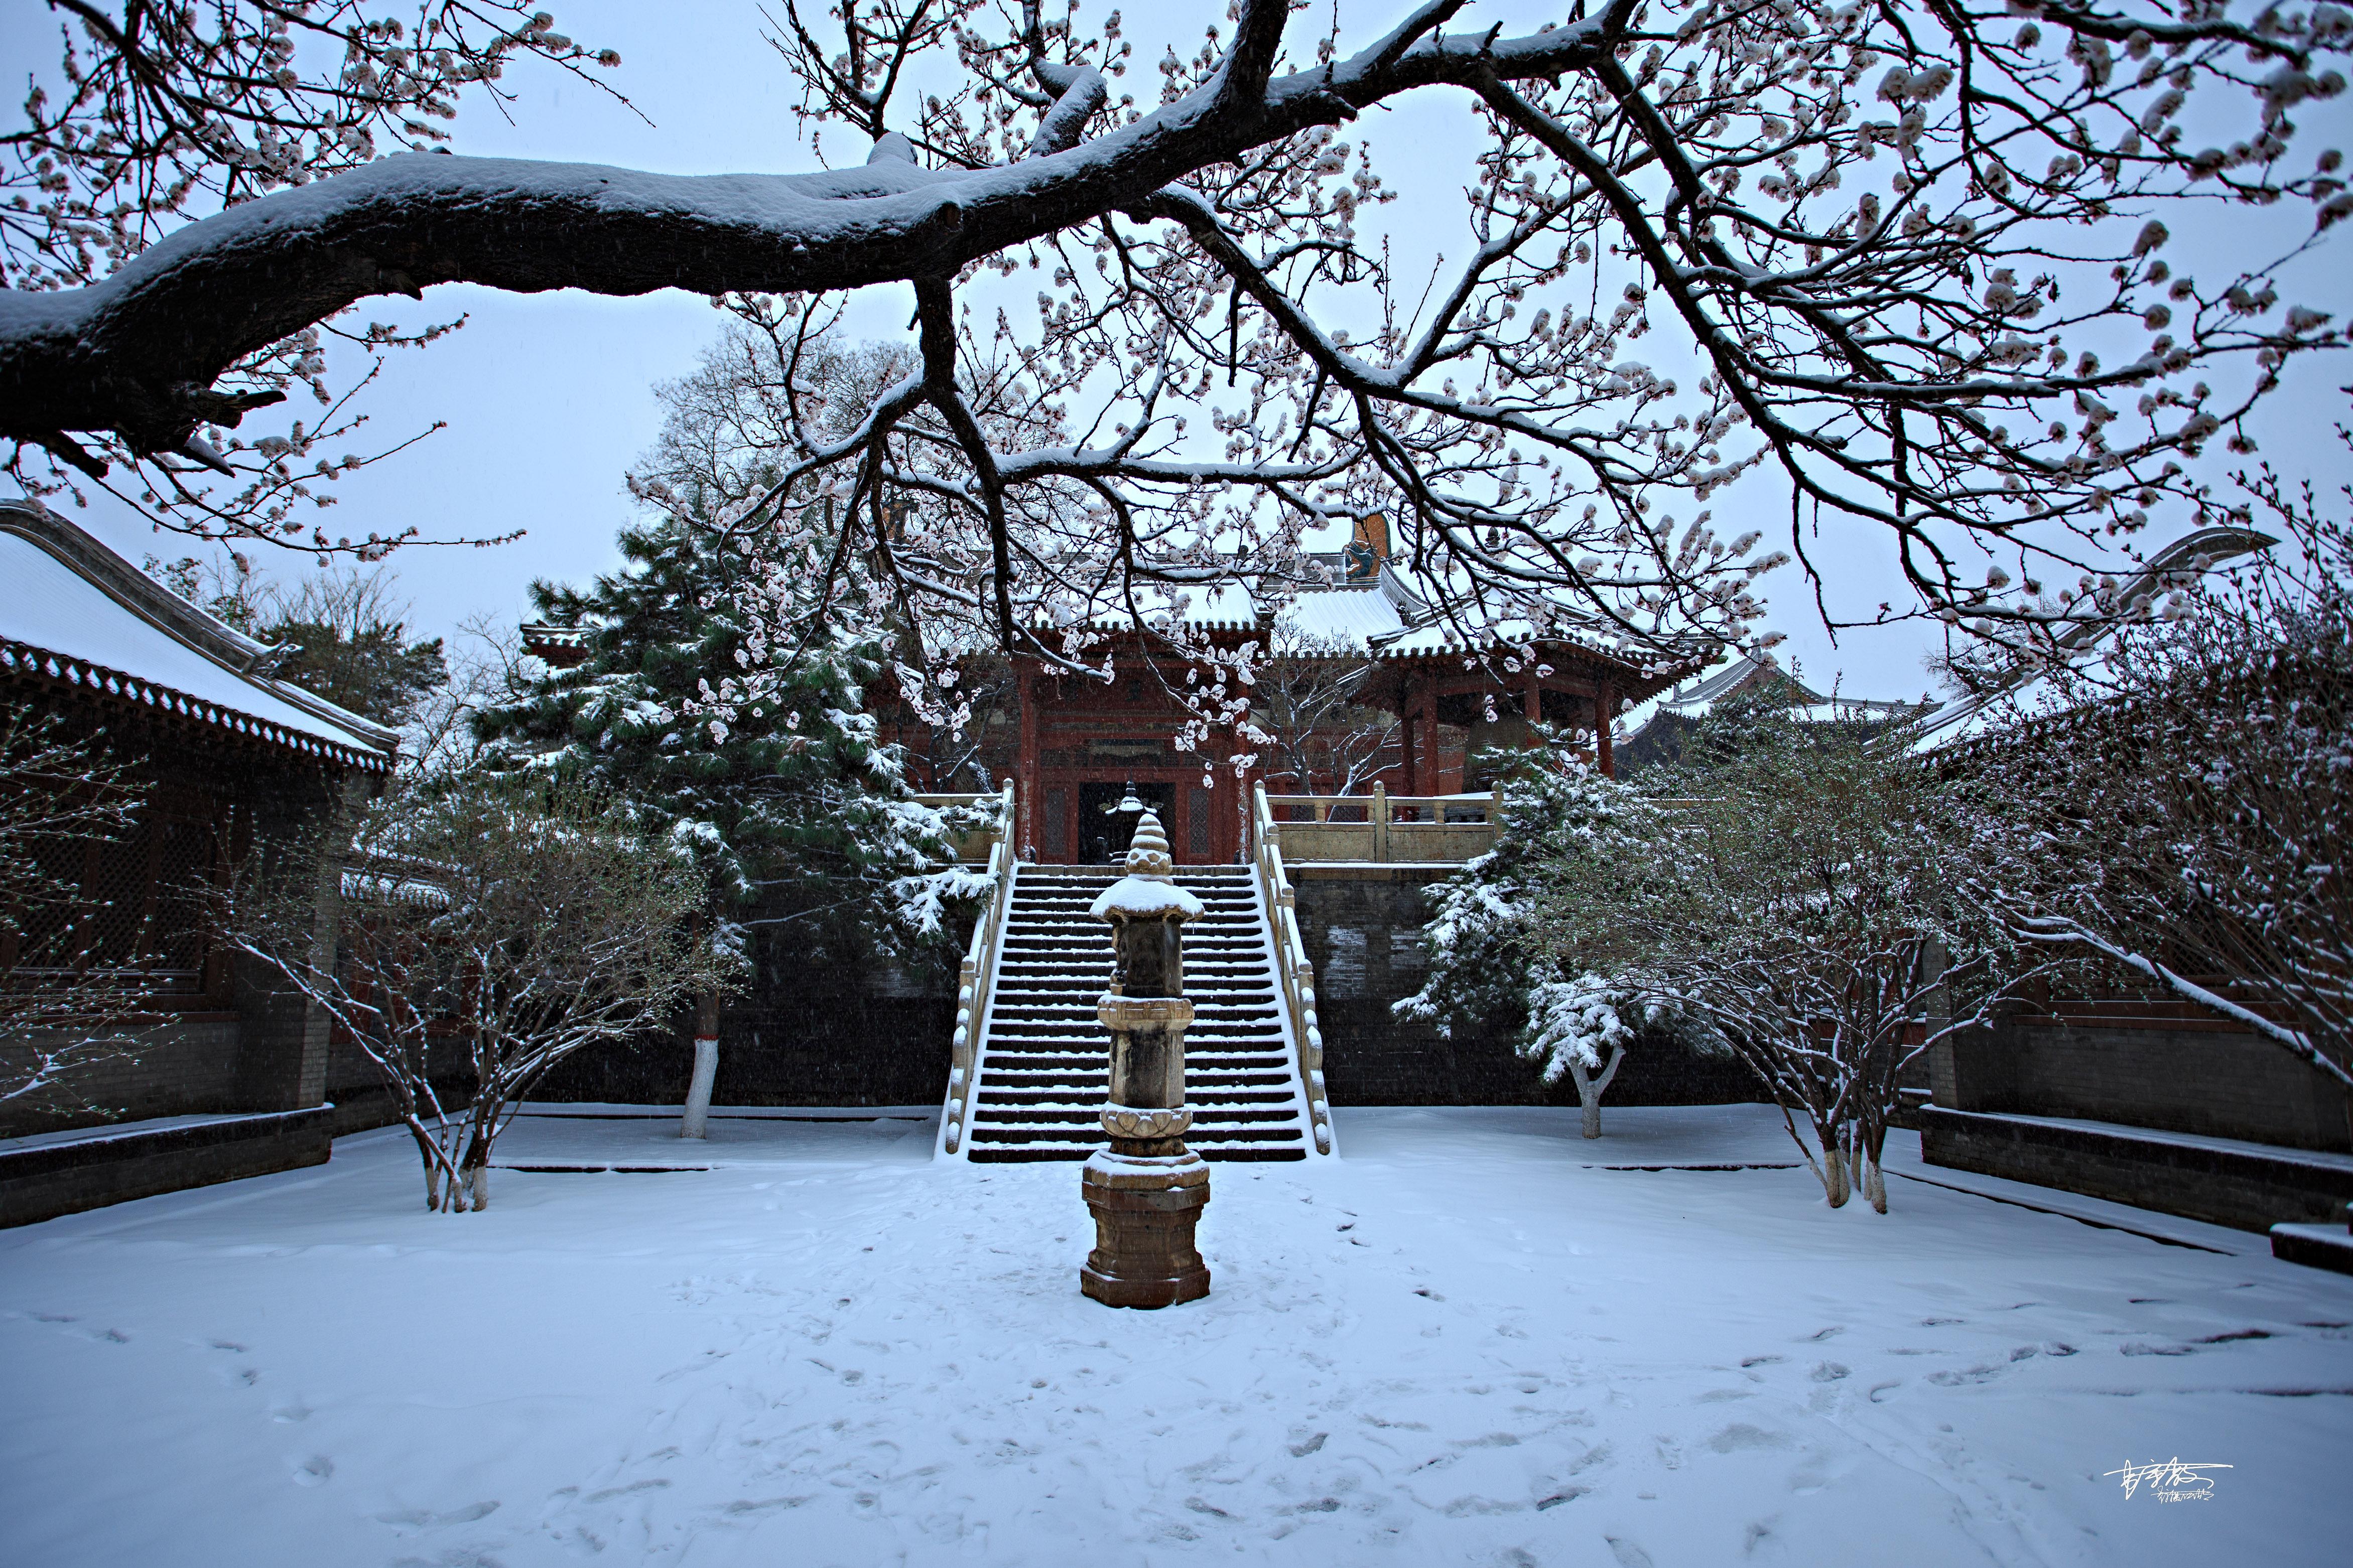 媲美京都雪景,四月飞雪的华严寺空灵幽深